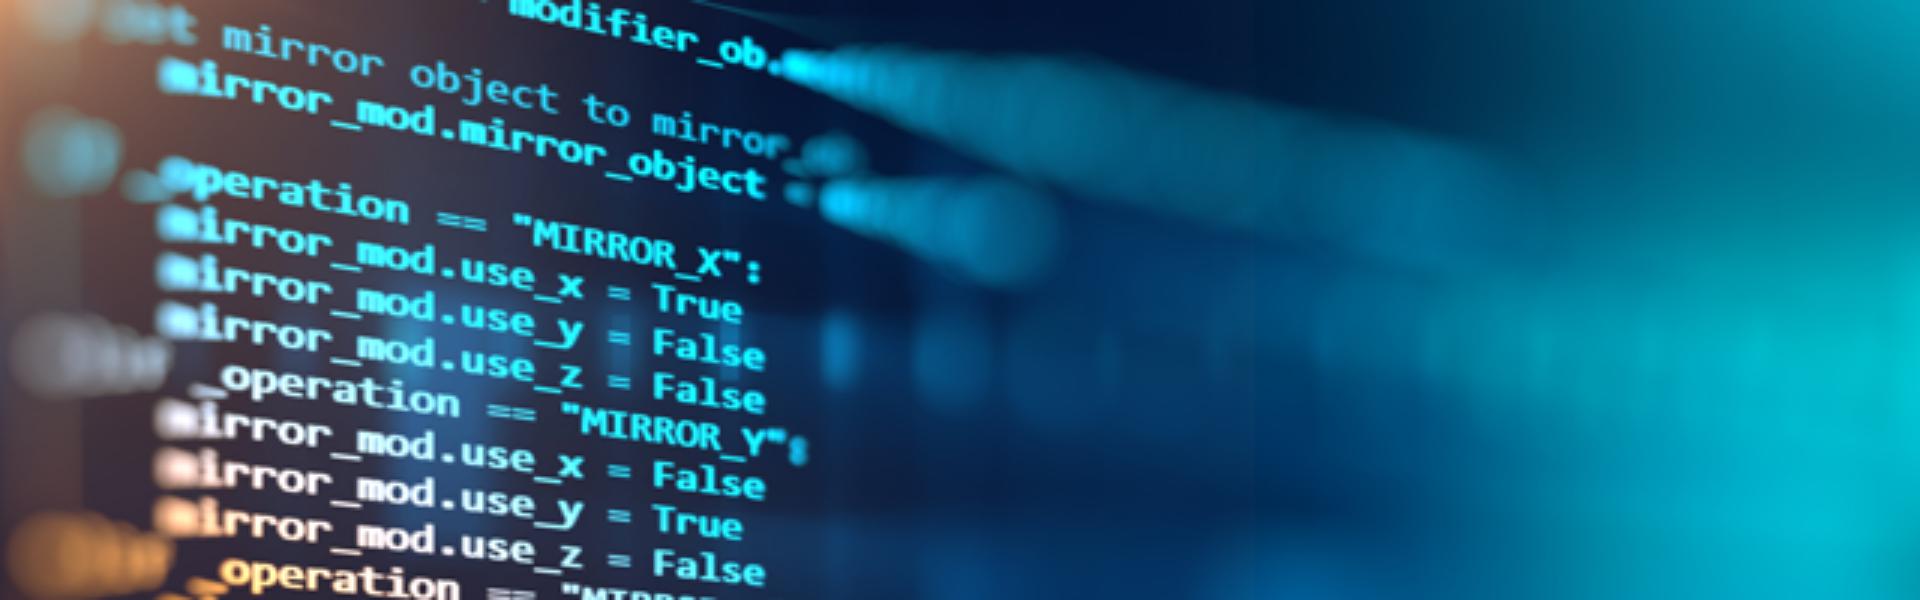 Softwareentwicklung Andreas Kretzer